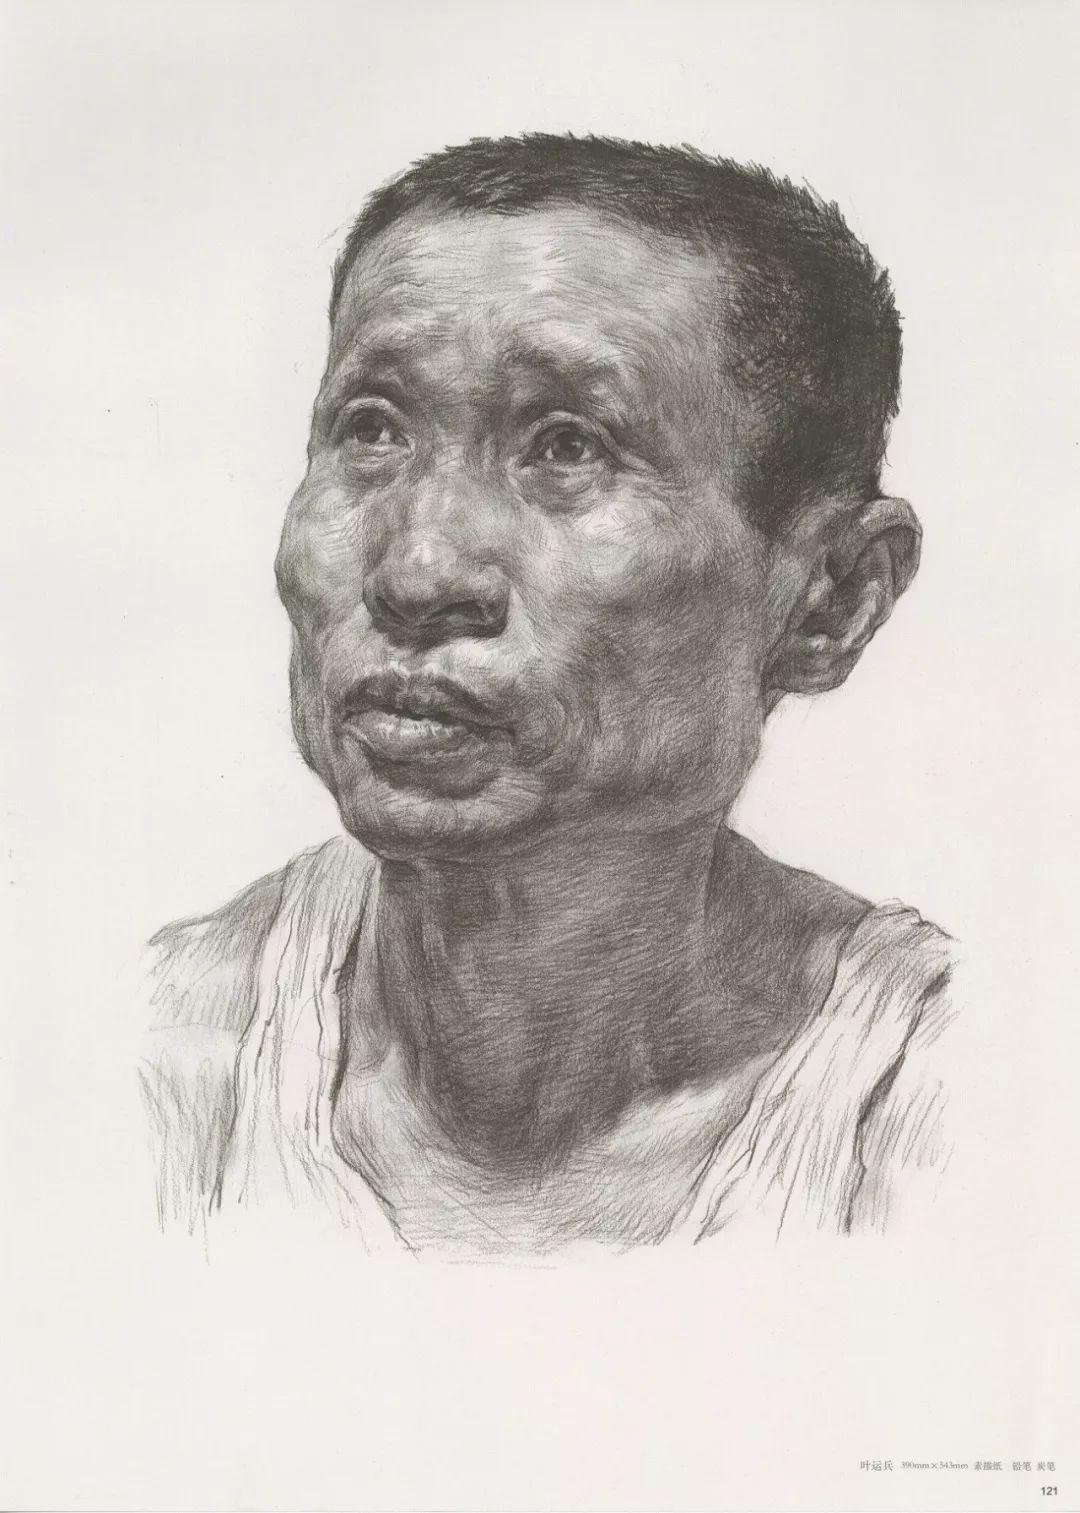 画老人素描头像就犯怂,掌握了广州十大画室整理的这两点就不怂了,29